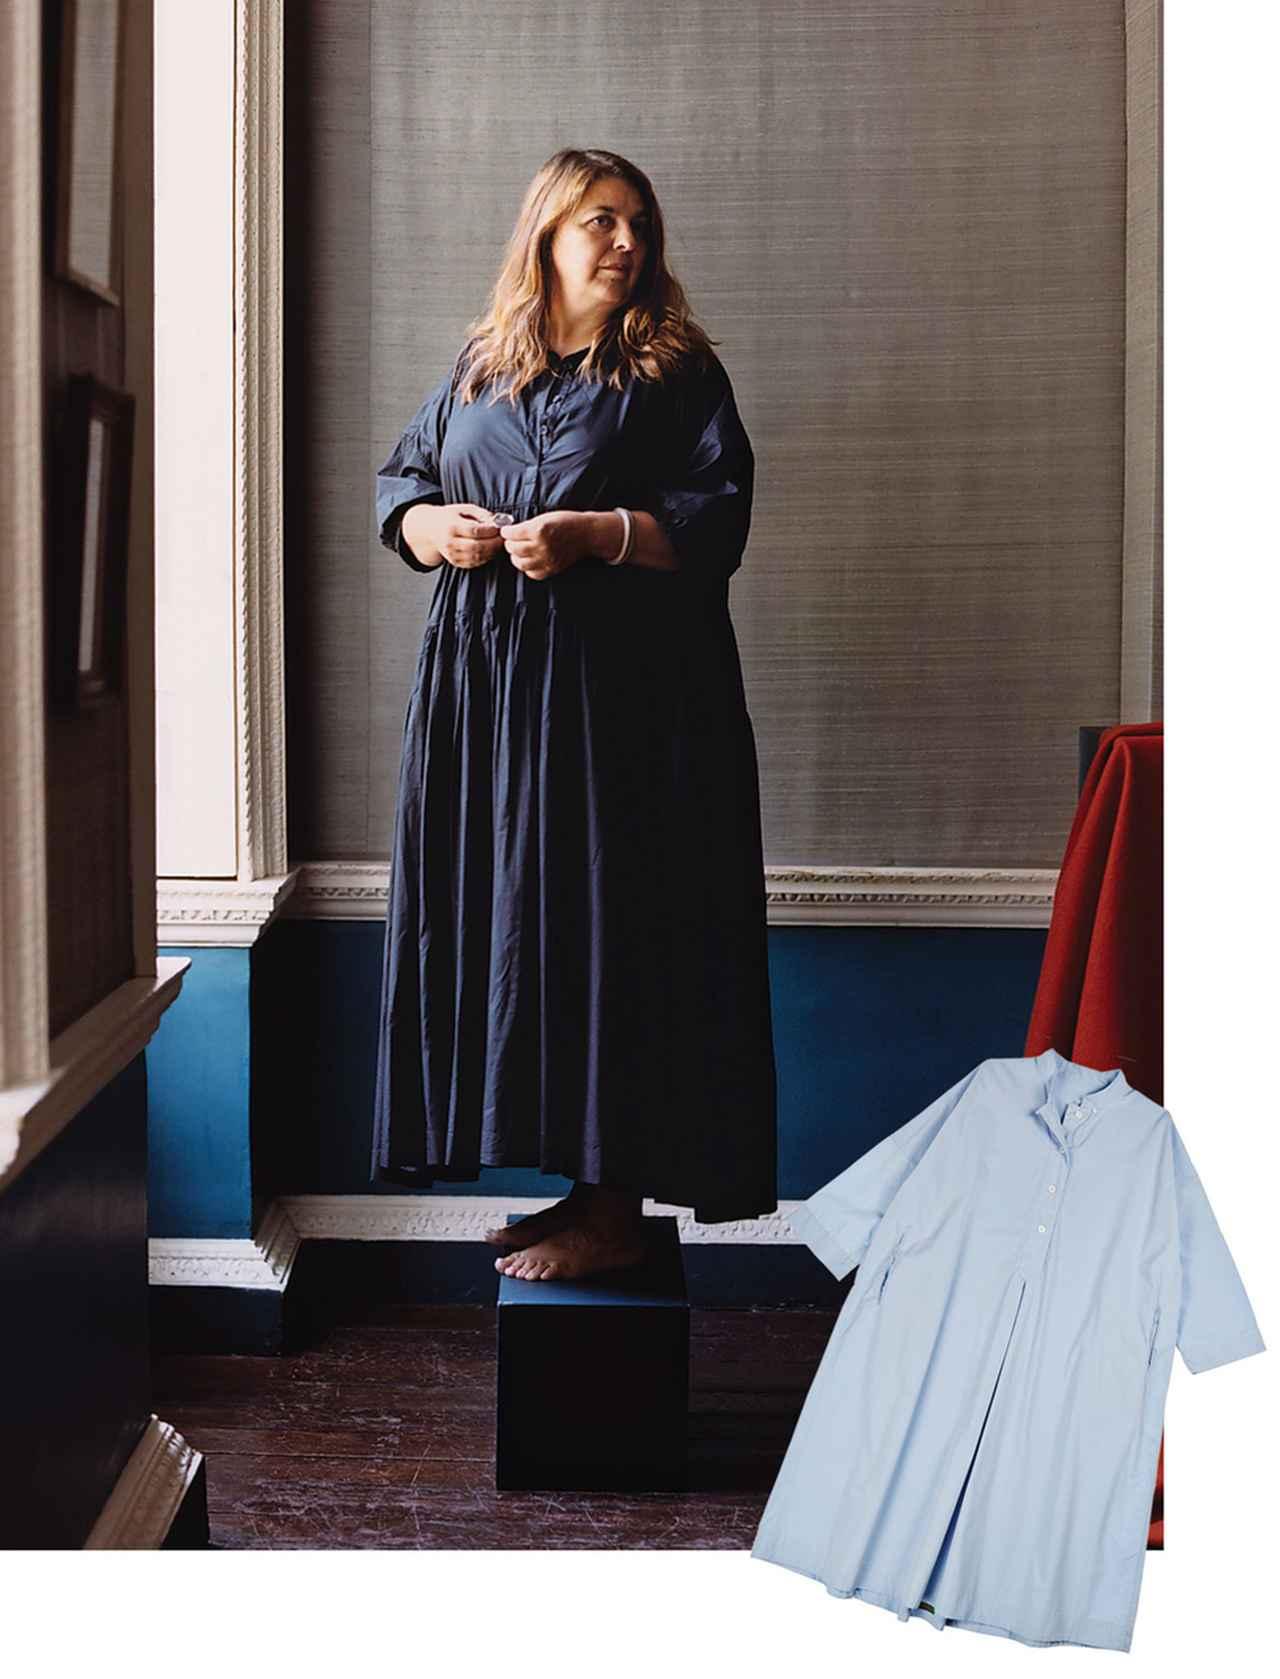 Images : 4番目の画像 - 「ランウェイではなく 「生活のための服」を作る 3人のデザイナー」のアルバム - T JAPAN:The New York Times Style Magazine 公式サイト